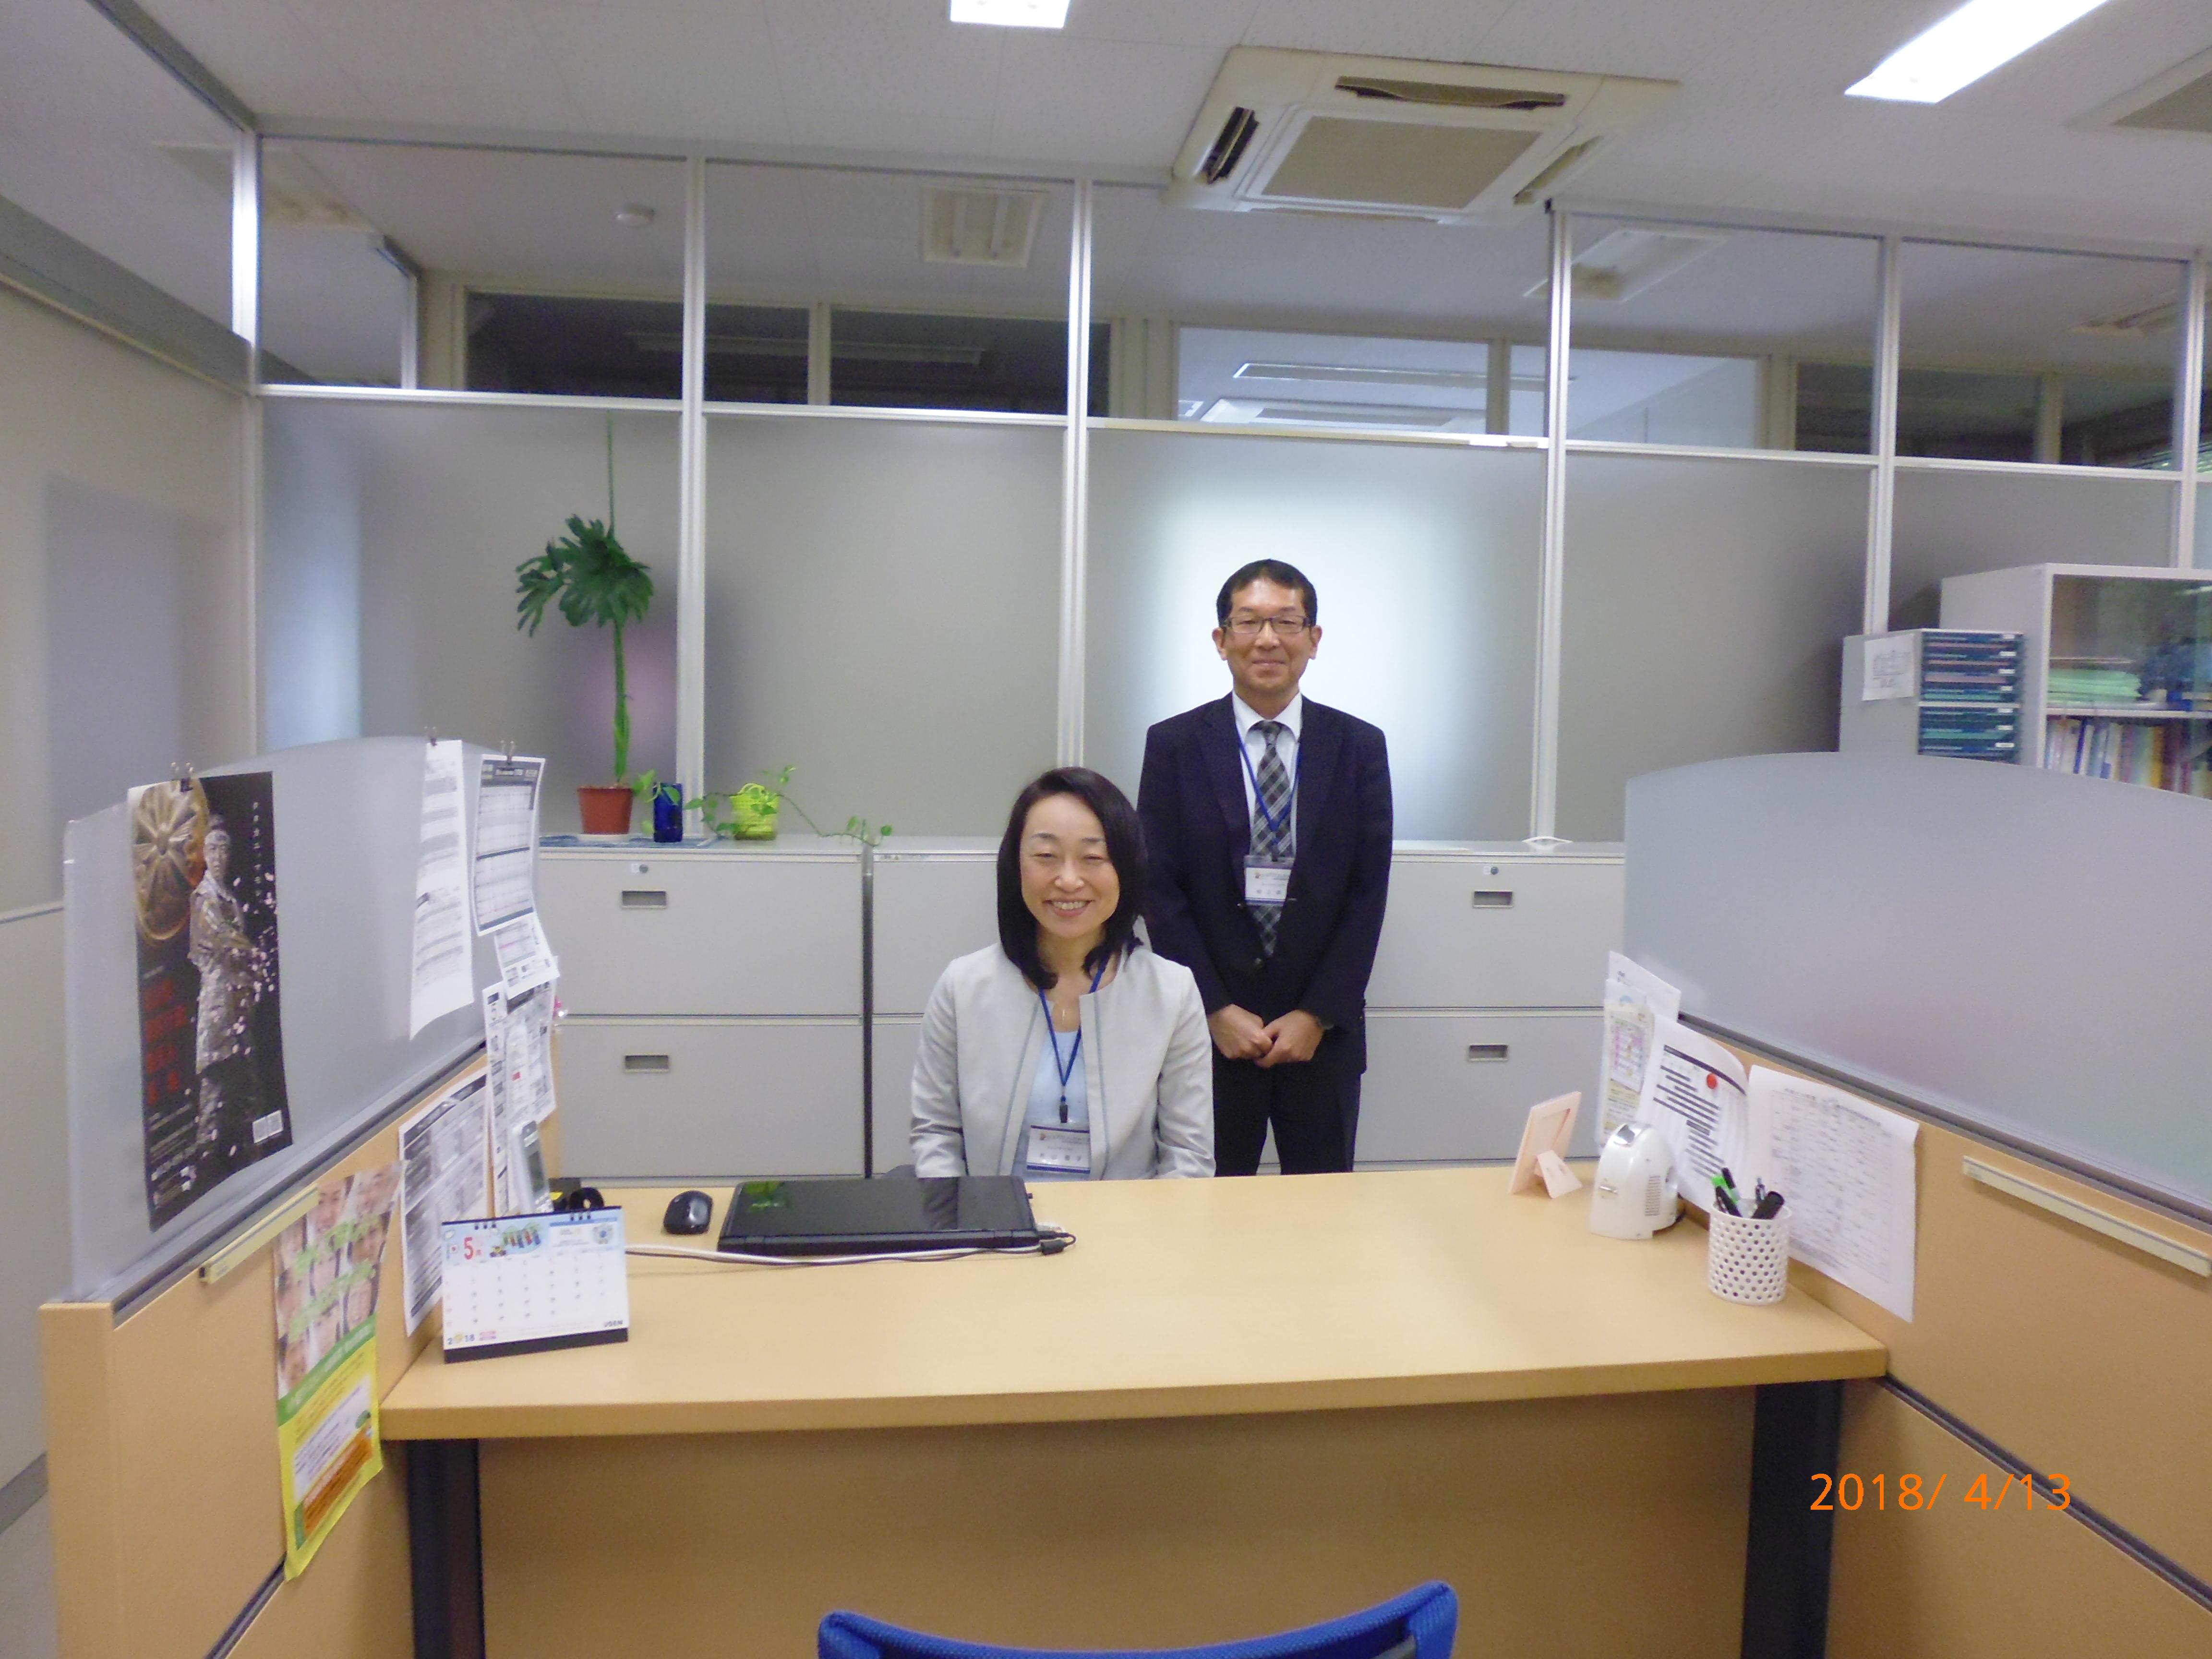 リフレッシュしたジョブカフェおかやま 倉敷相談室を紹介します!